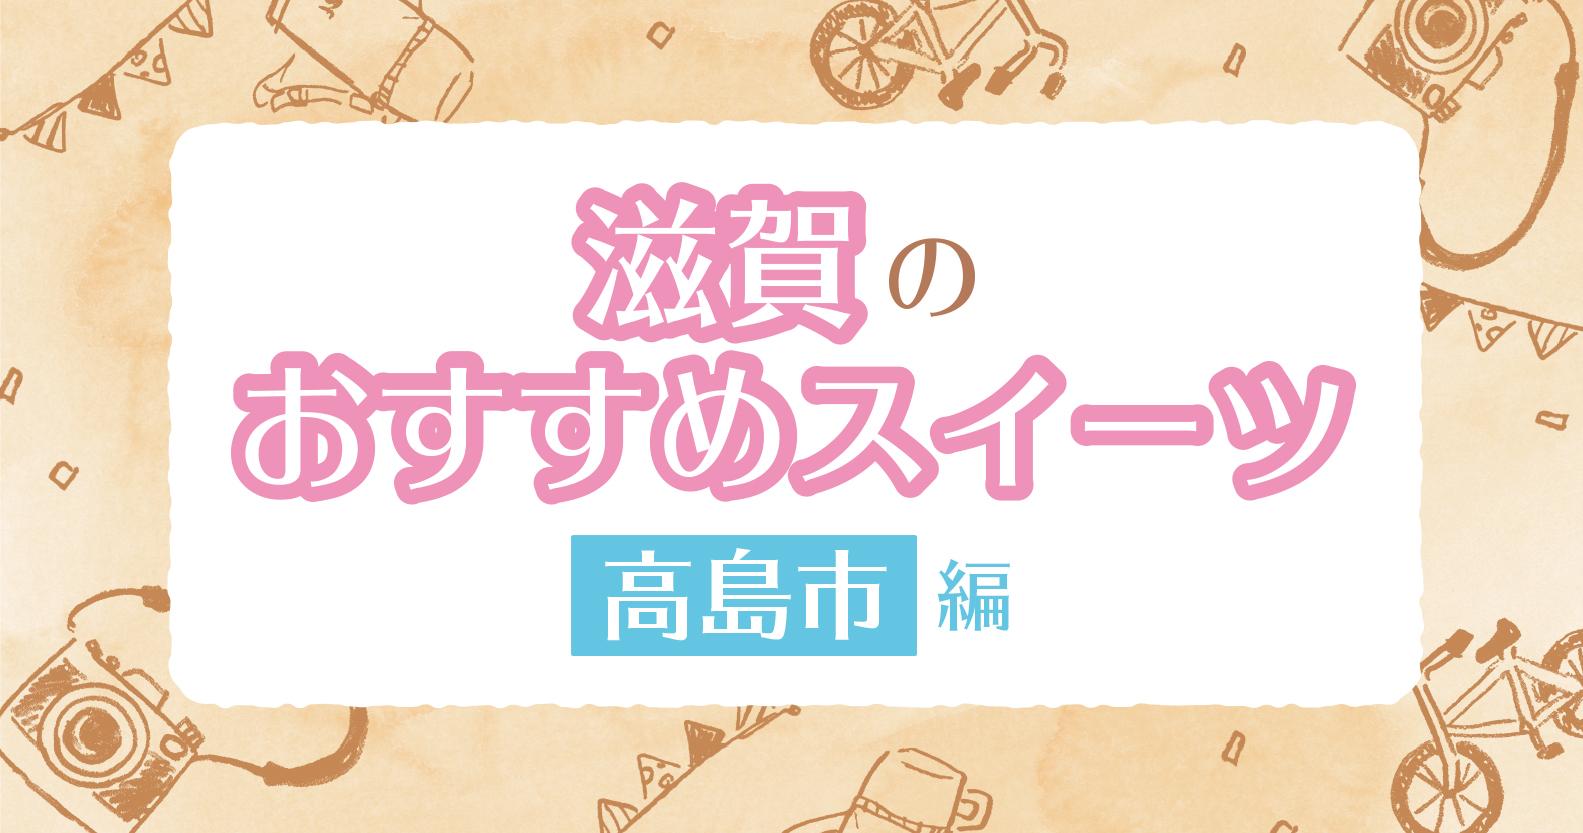 編集部推薦! 滋賀のおすすめスイーツ~高島エリア編~【不定期連載】